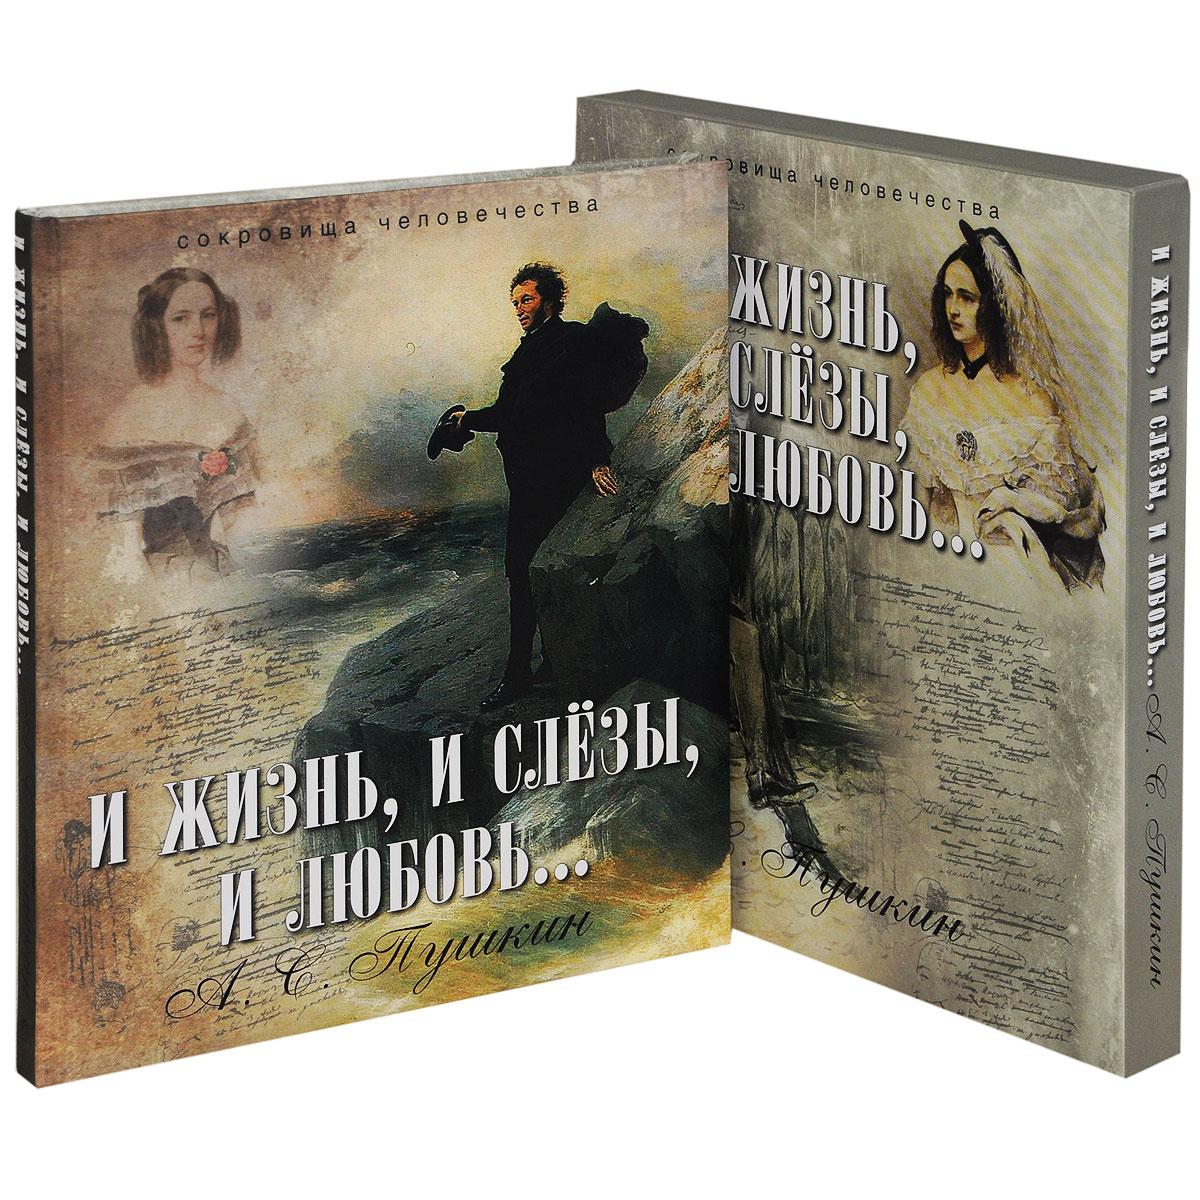 А. С. Пушкин И жизнь, и слезы, и любовь пушкин а с и жизнь и слезы и любовь шелк